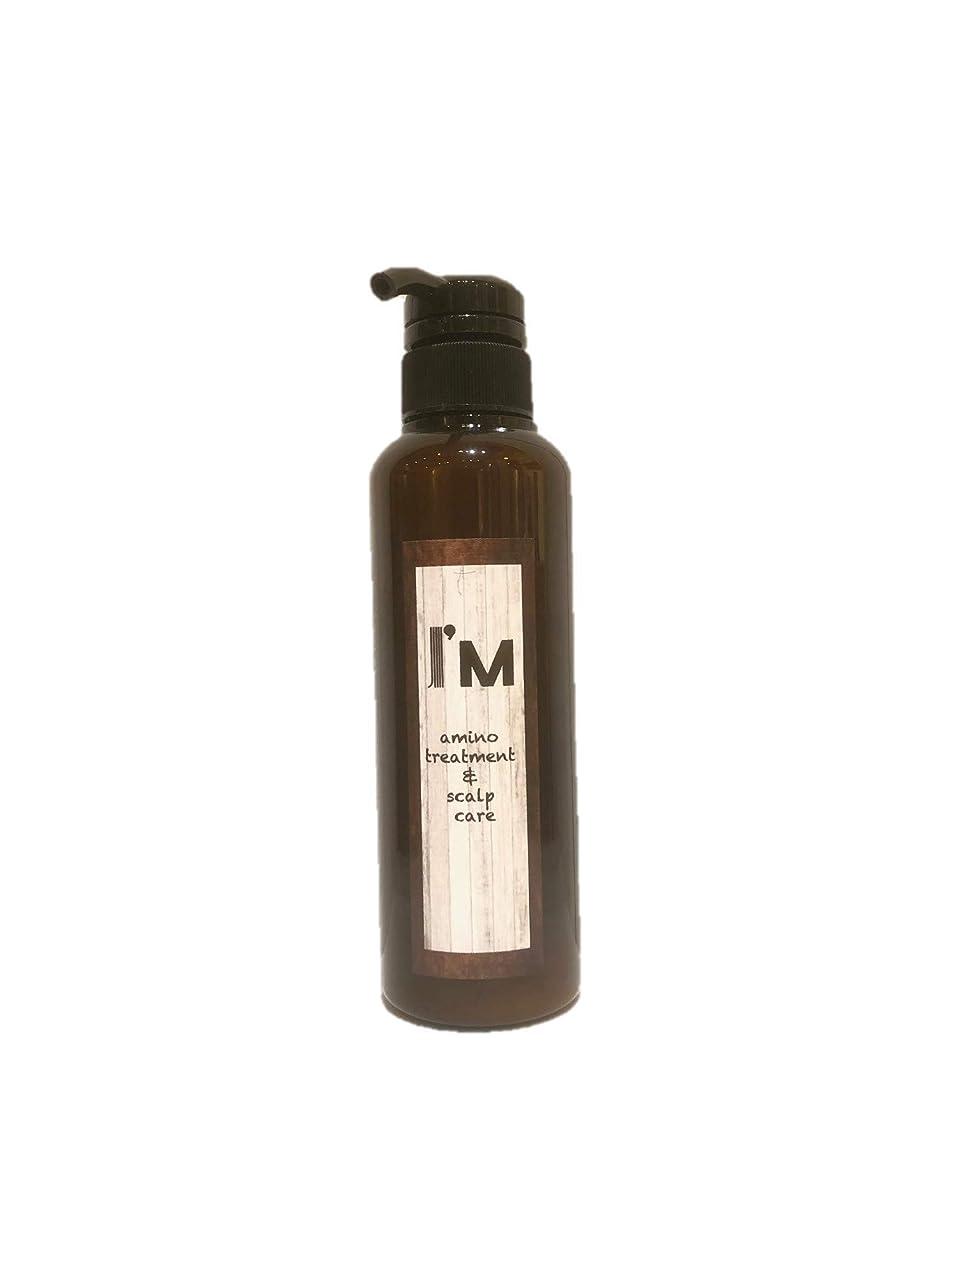 パケットスツールホップI'M ノンシリコン ケアトリートメント アミノ酸系 セラミド ホホバ油 内部補修剤80% 配合 300ml